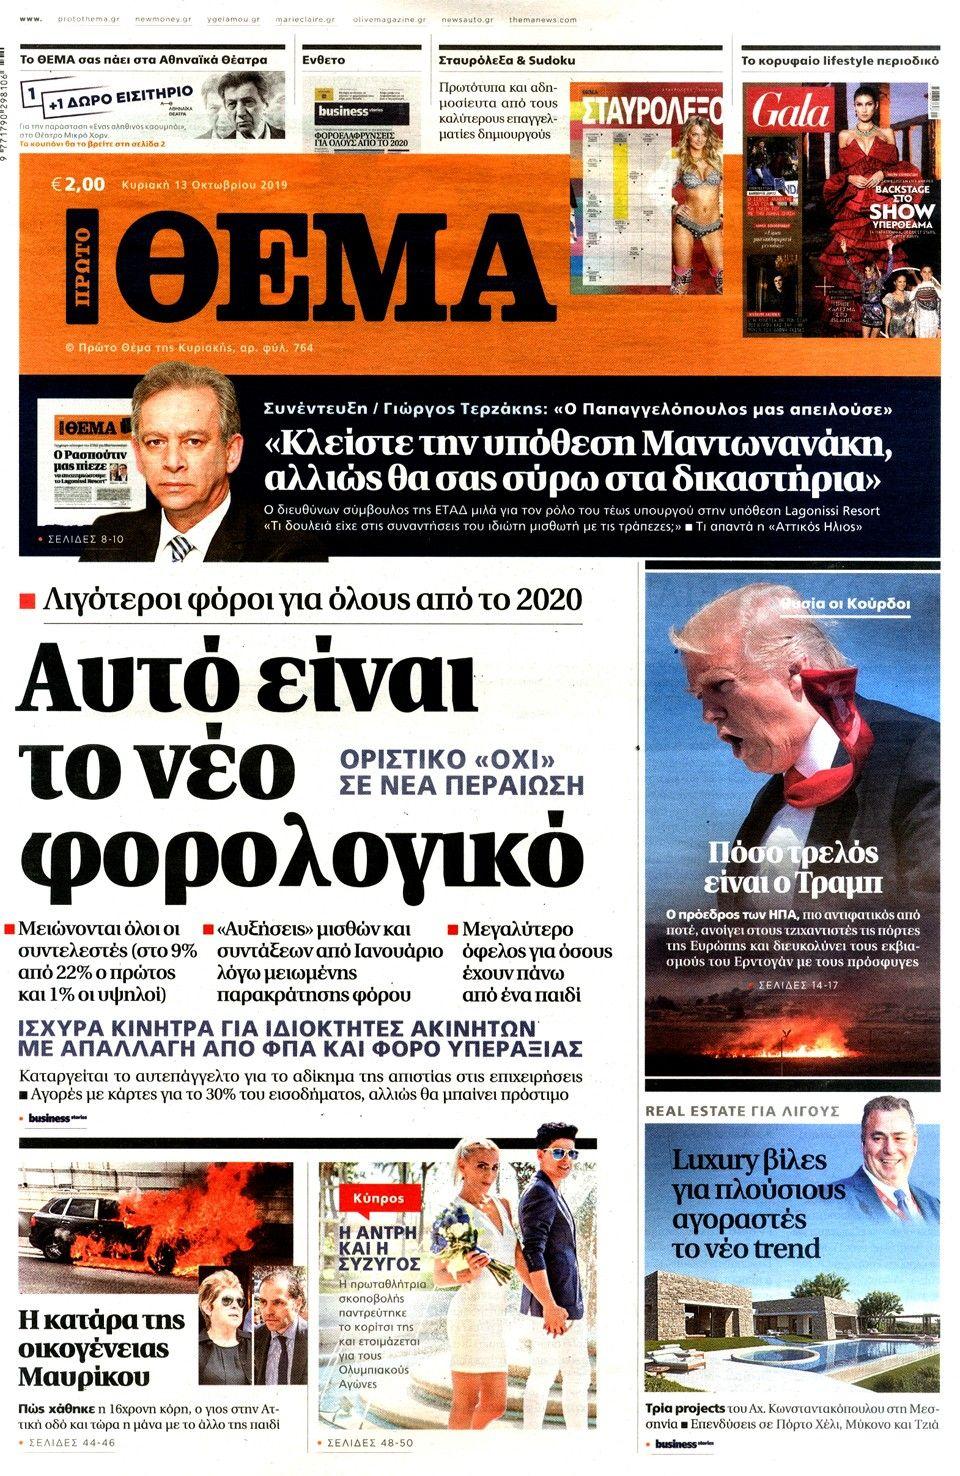 , Le prime pagine dei giornali della domenica 13 ottobre 2019